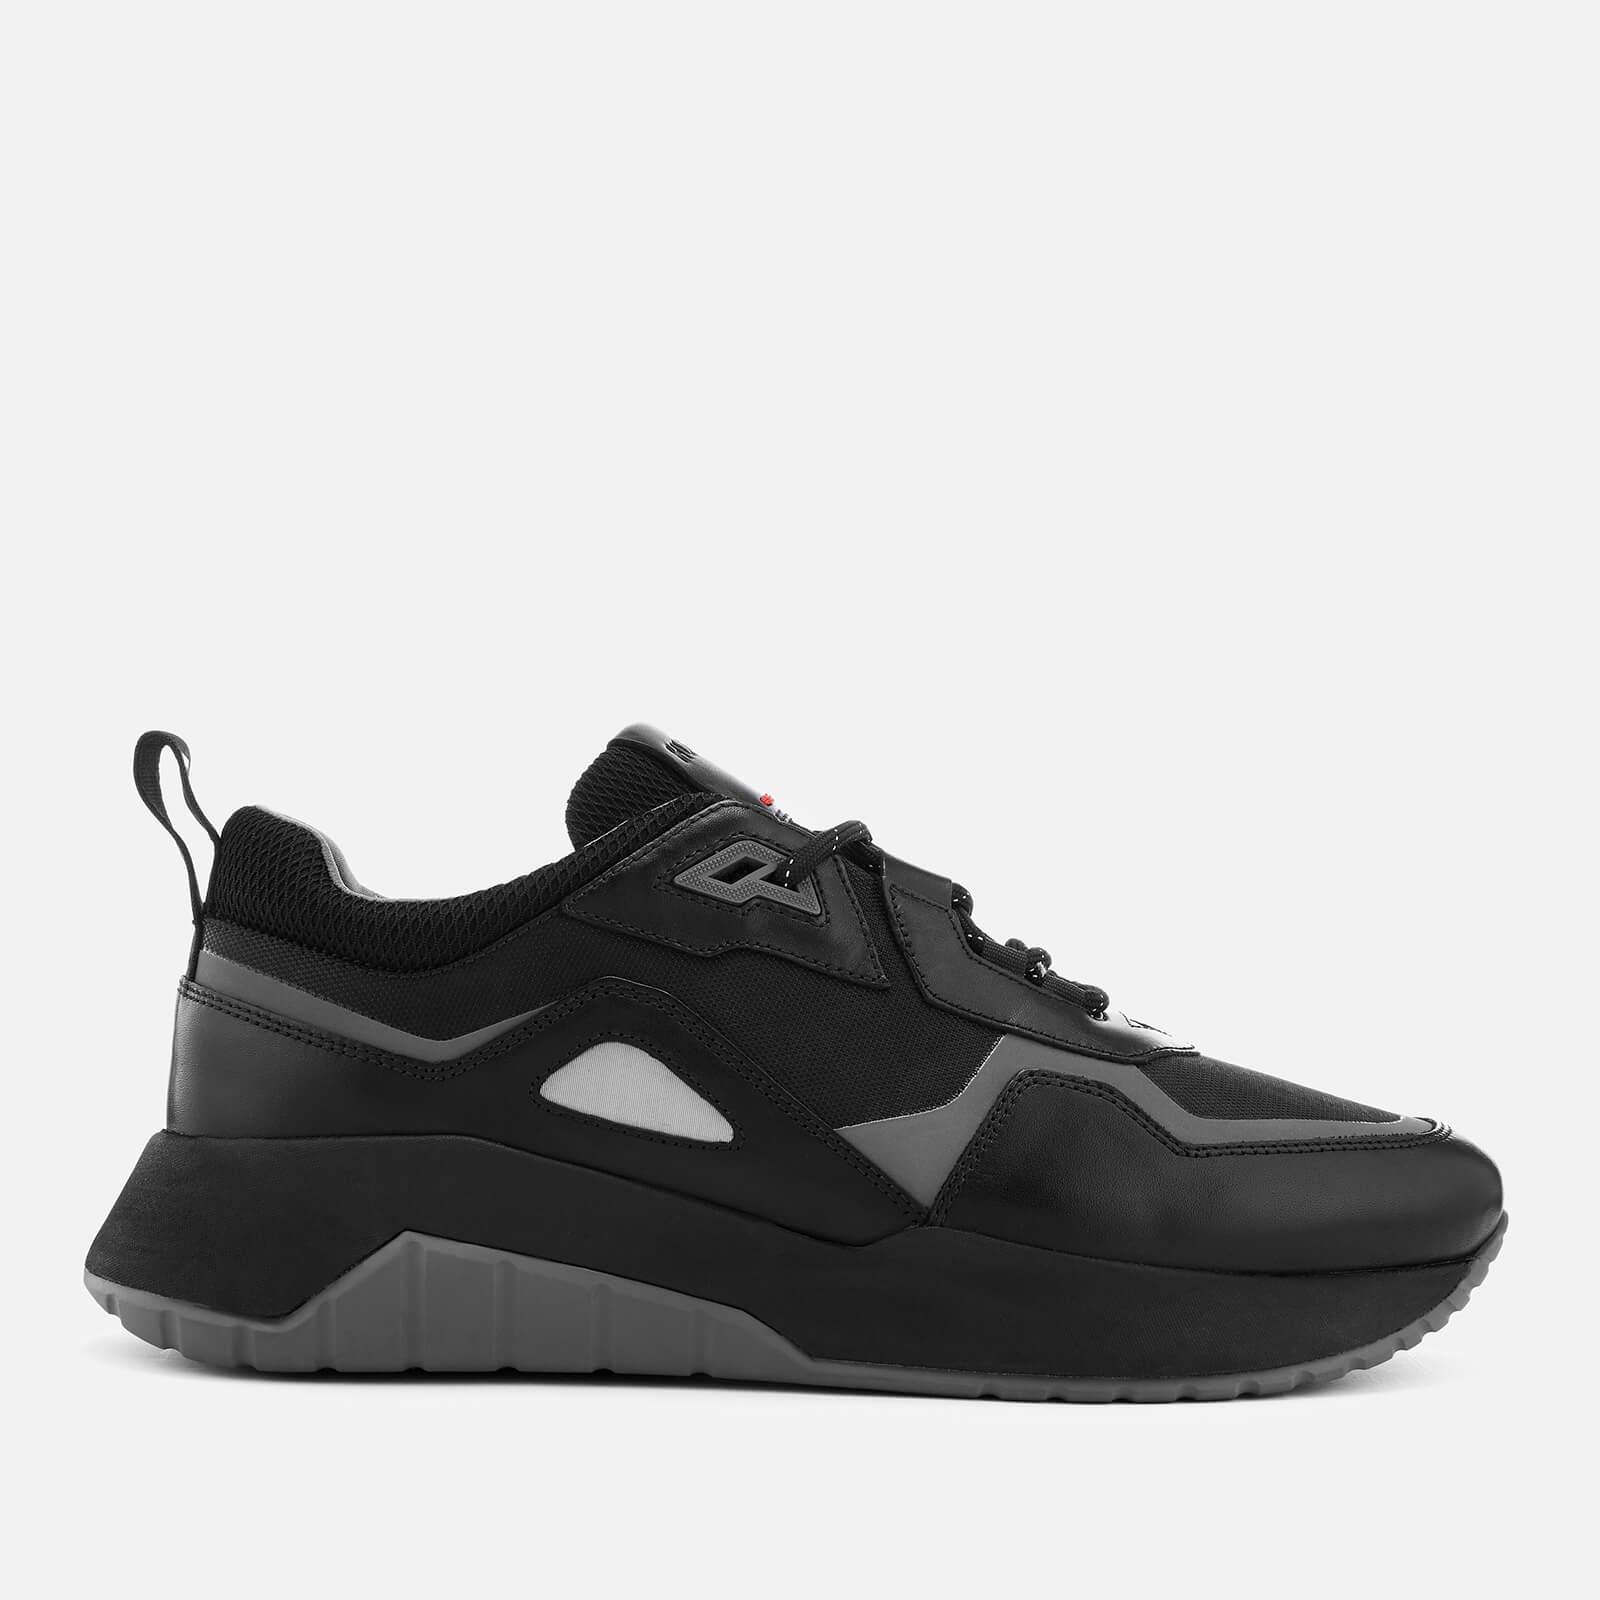 hot sale online 64e34 77490 HUGO Men's Atom Running Trainers - Black